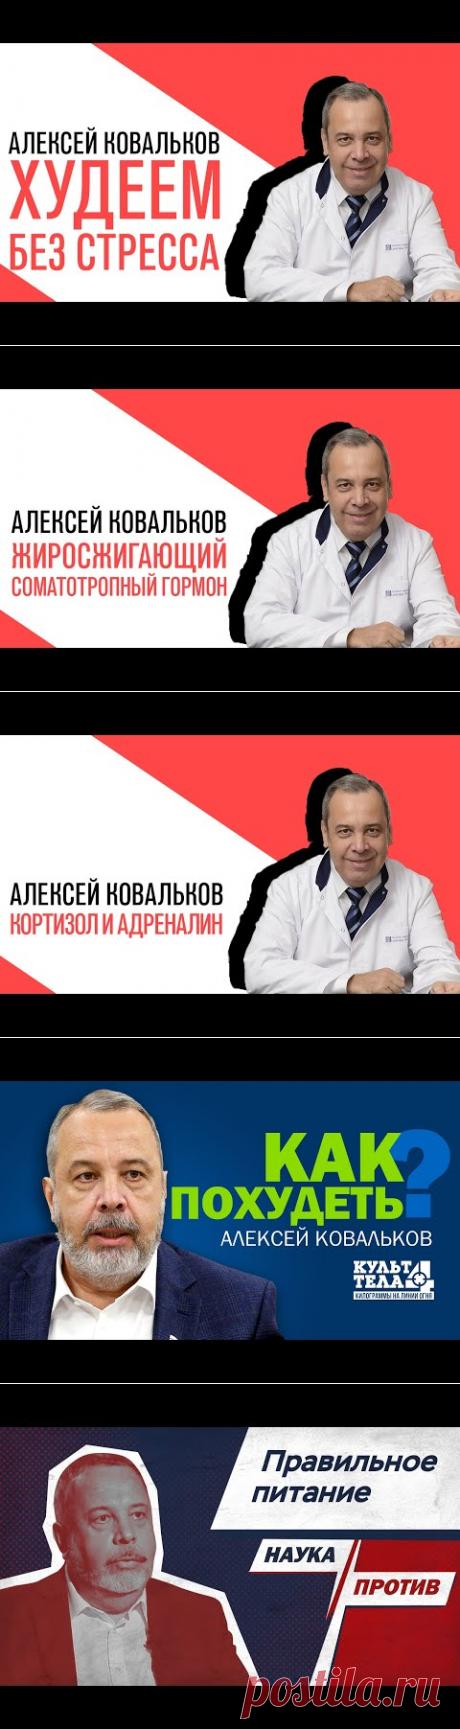 Проект Алексея Ковалькова «Есть или не есть», Михаил Хорс, Как похудеть без стресса - YouTube